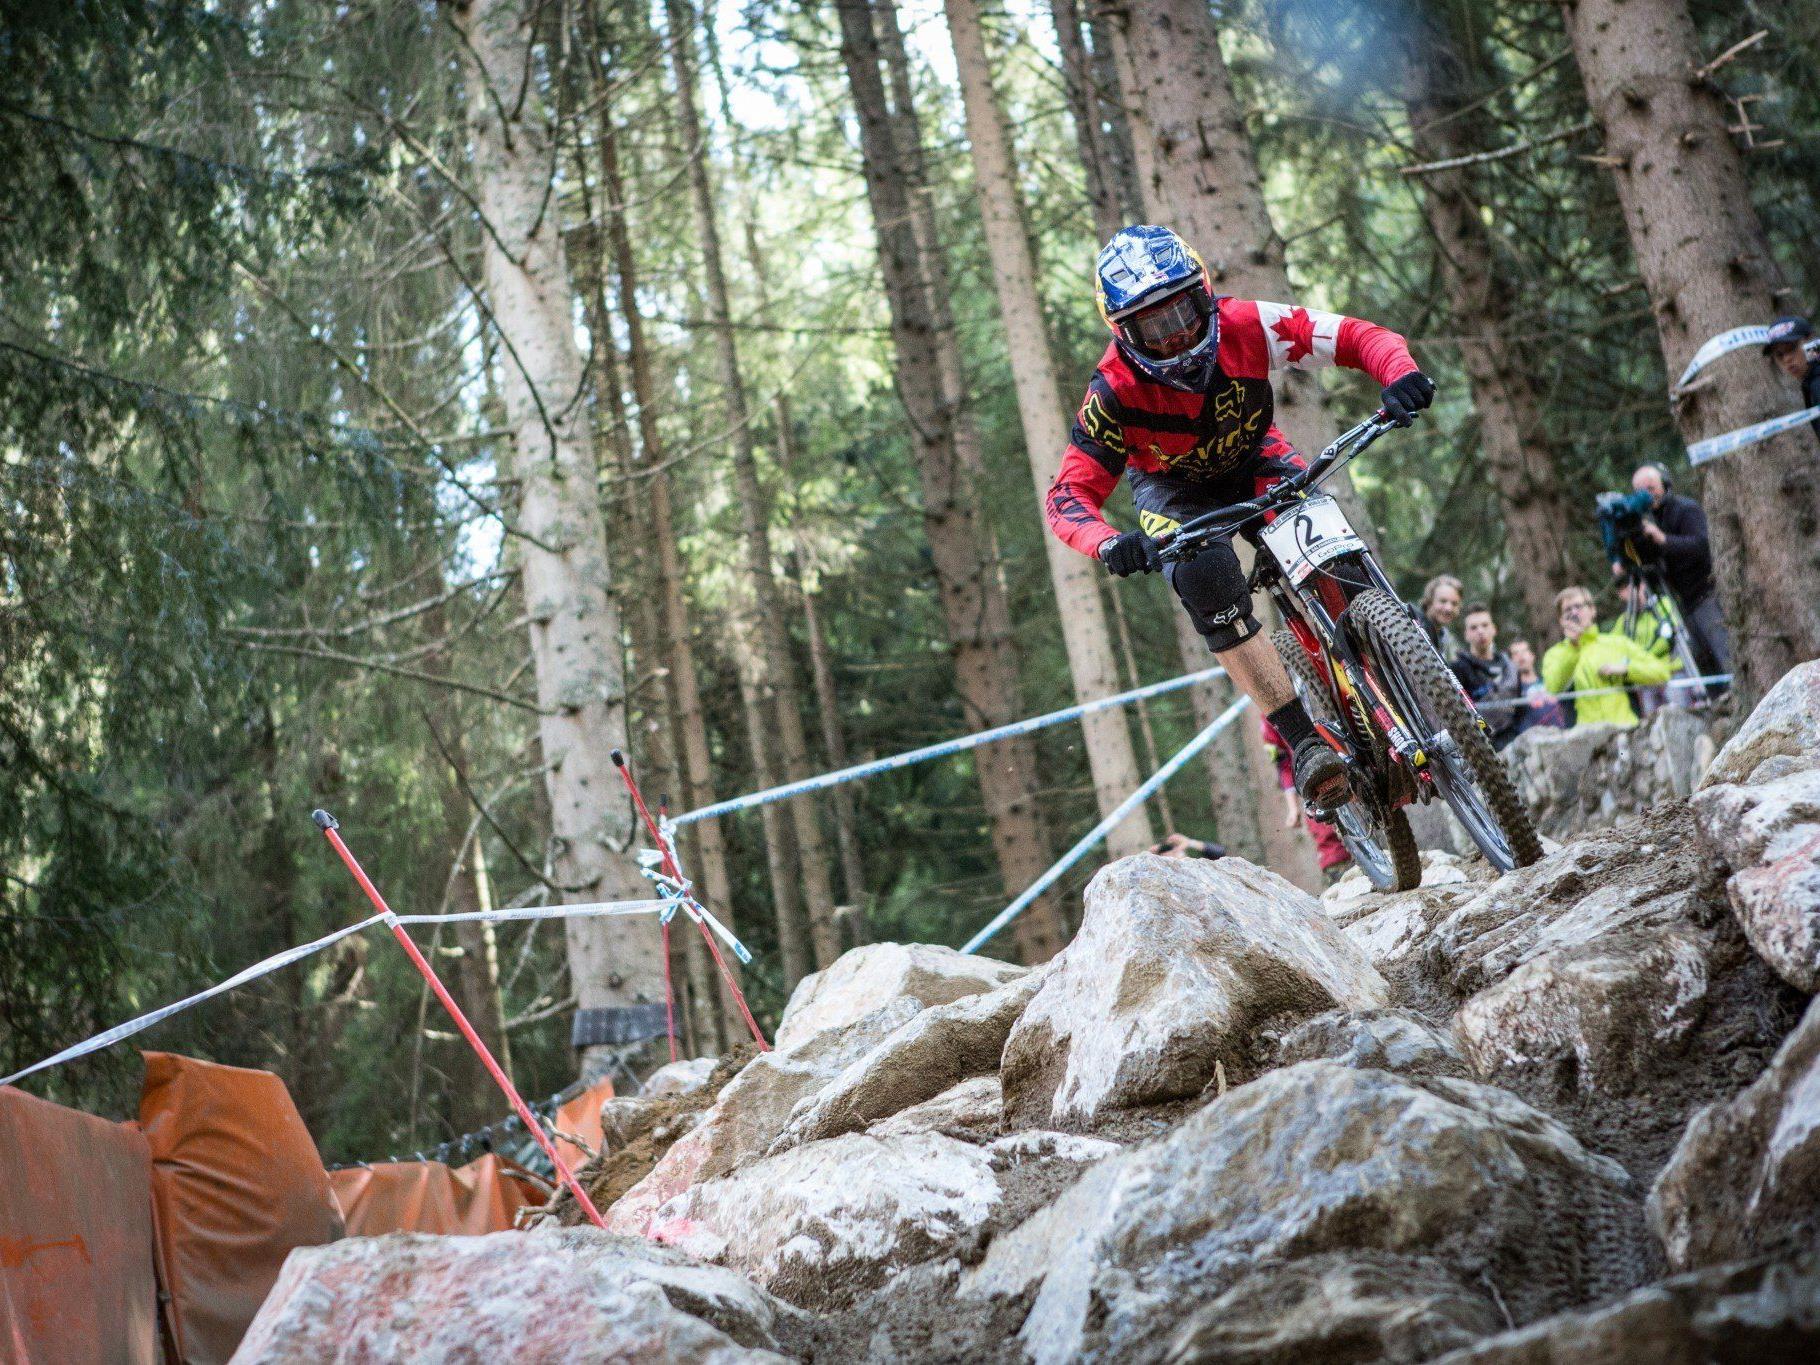 Biker dürfen sich auf anspruchsvolle Downhill-Passagen freuen